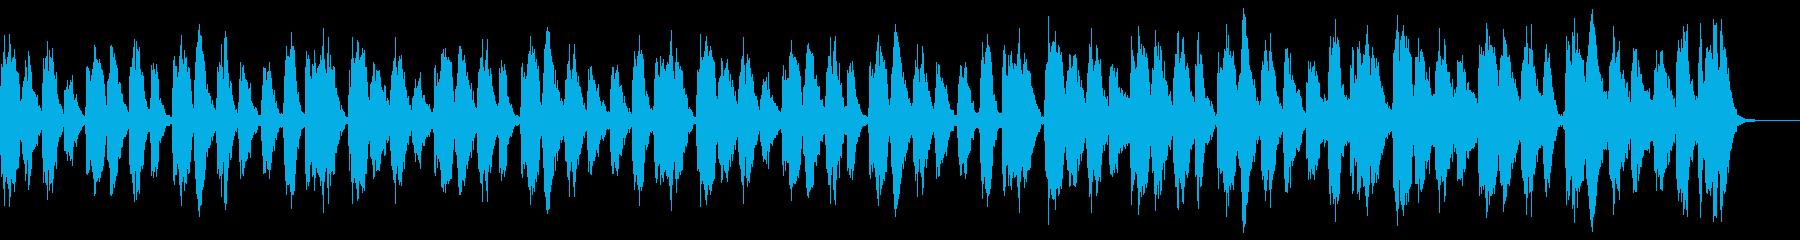 T.V.コンテンポラリーインストゥ...の再生済みの波形